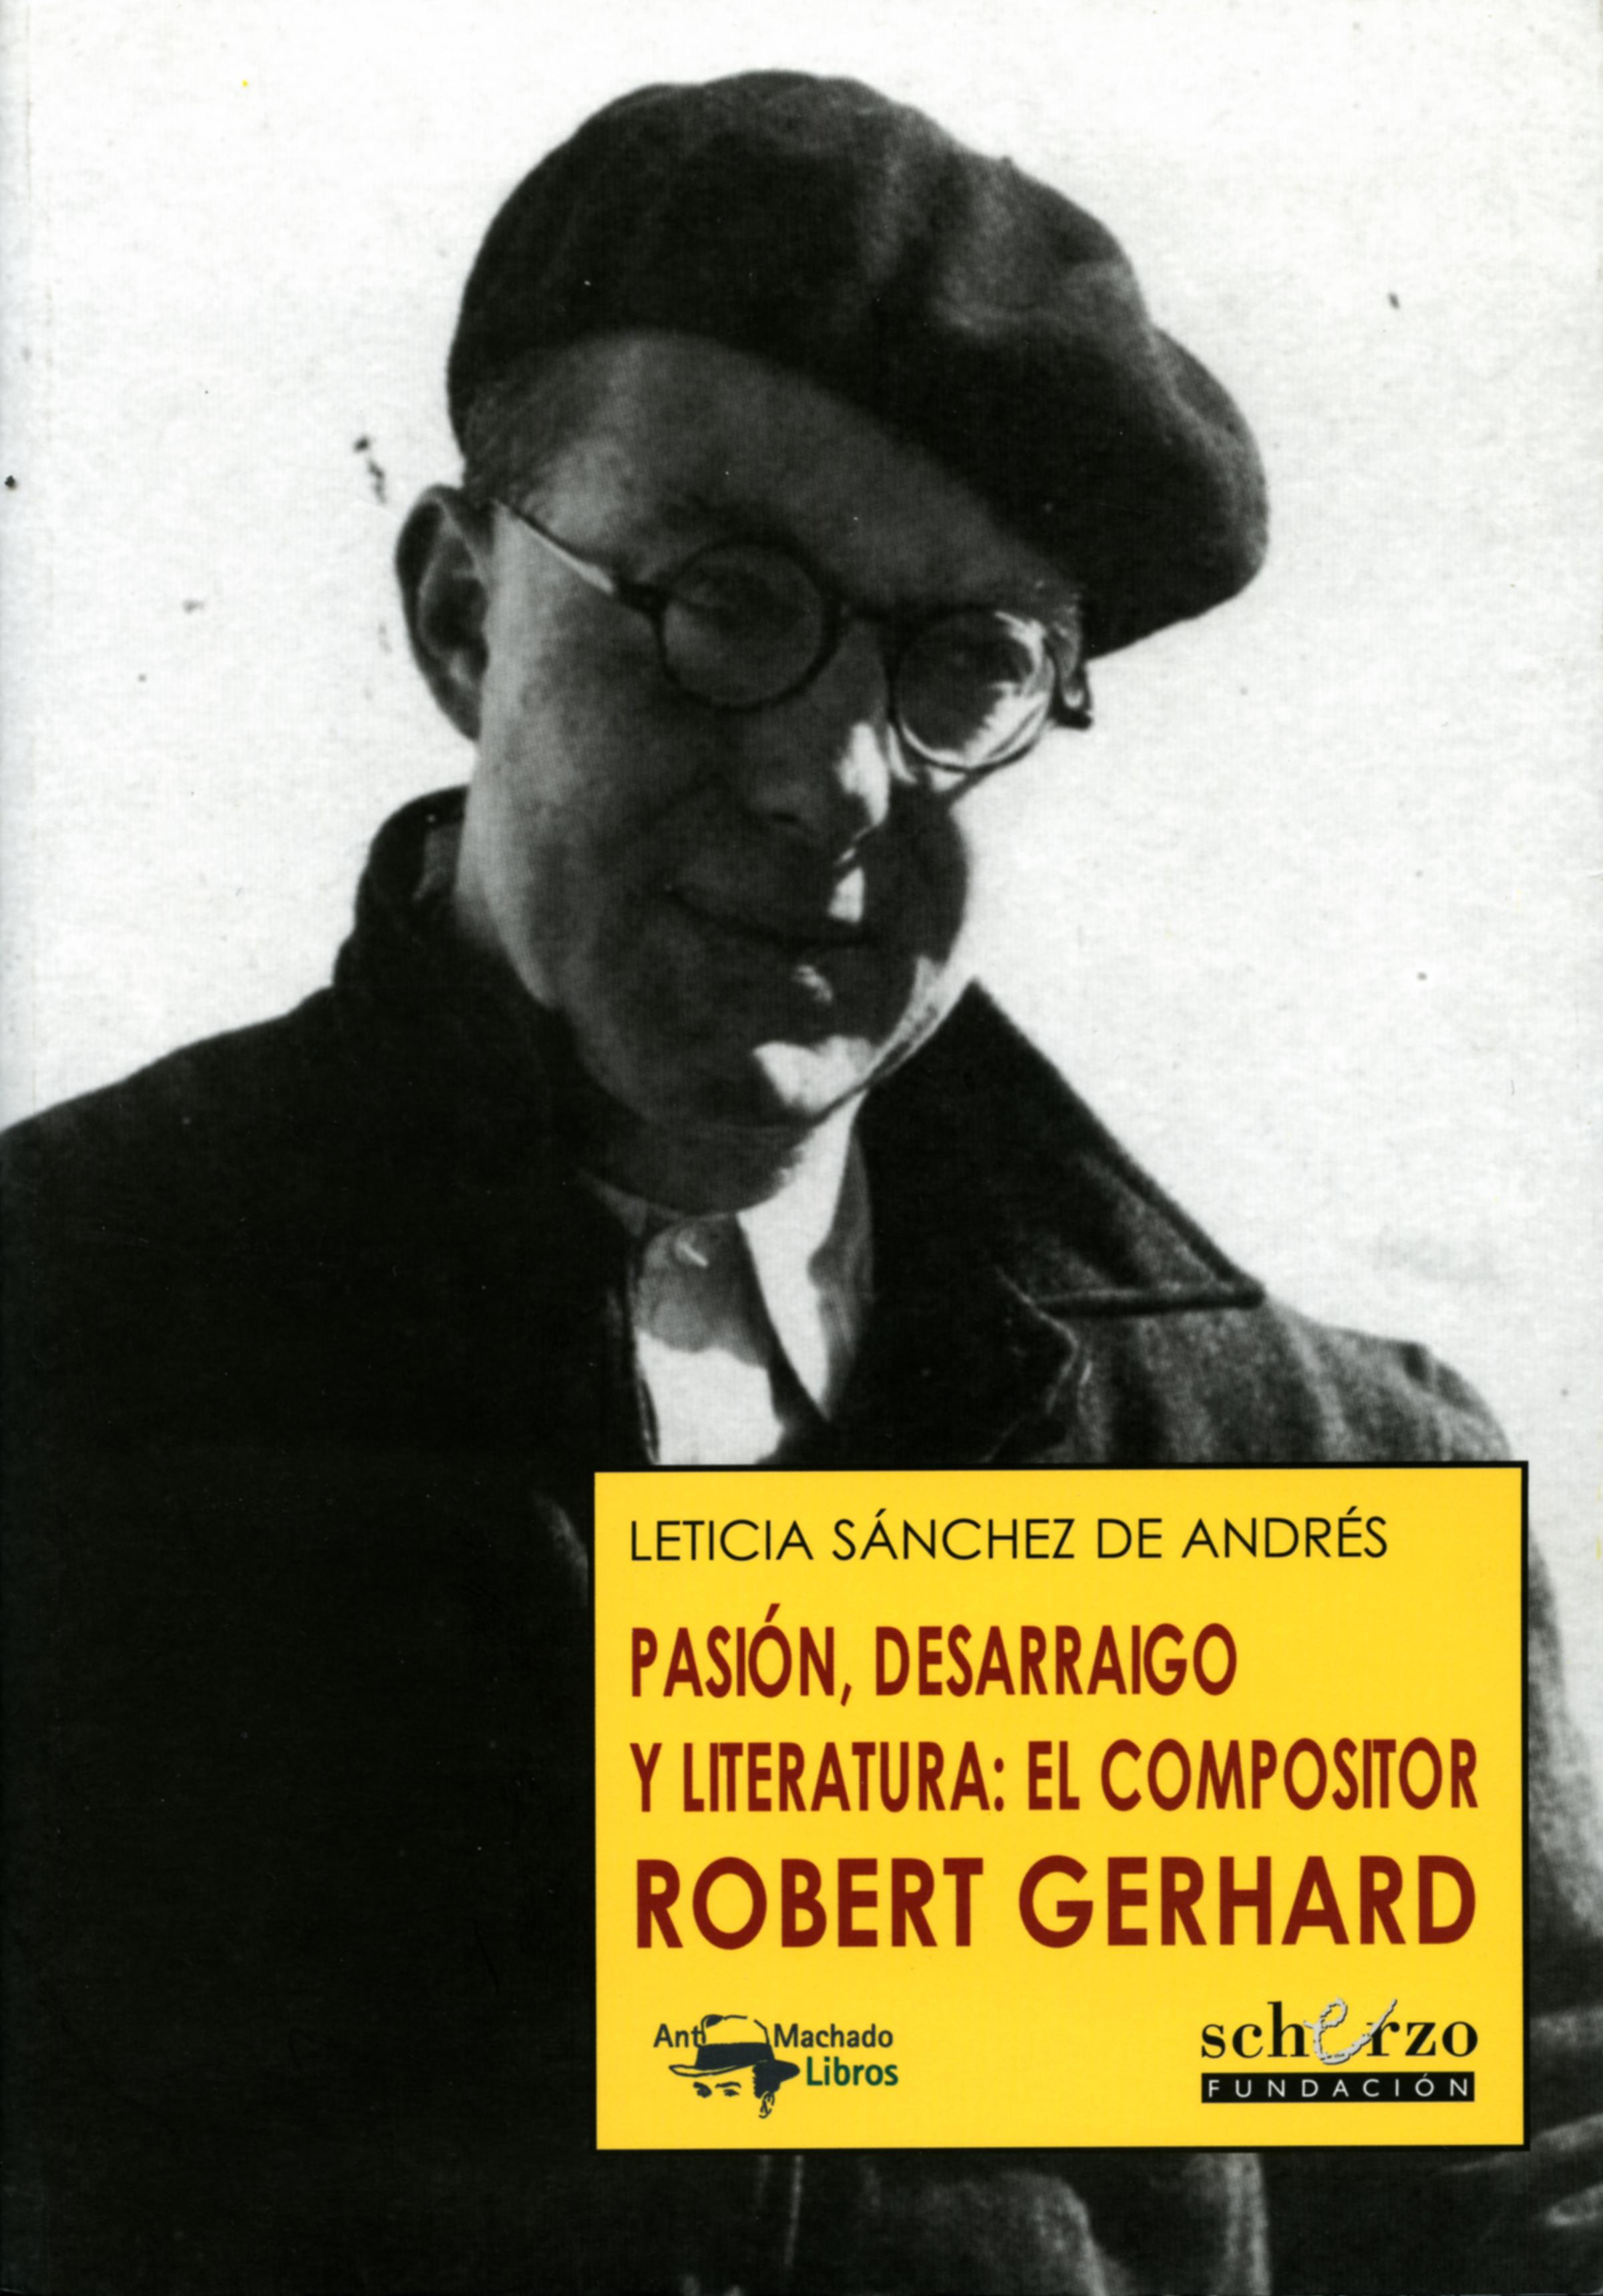 цены Leticia Sánchez de Andrés Pasión, desarraigo y literatura: el compositor Robert Gerhard